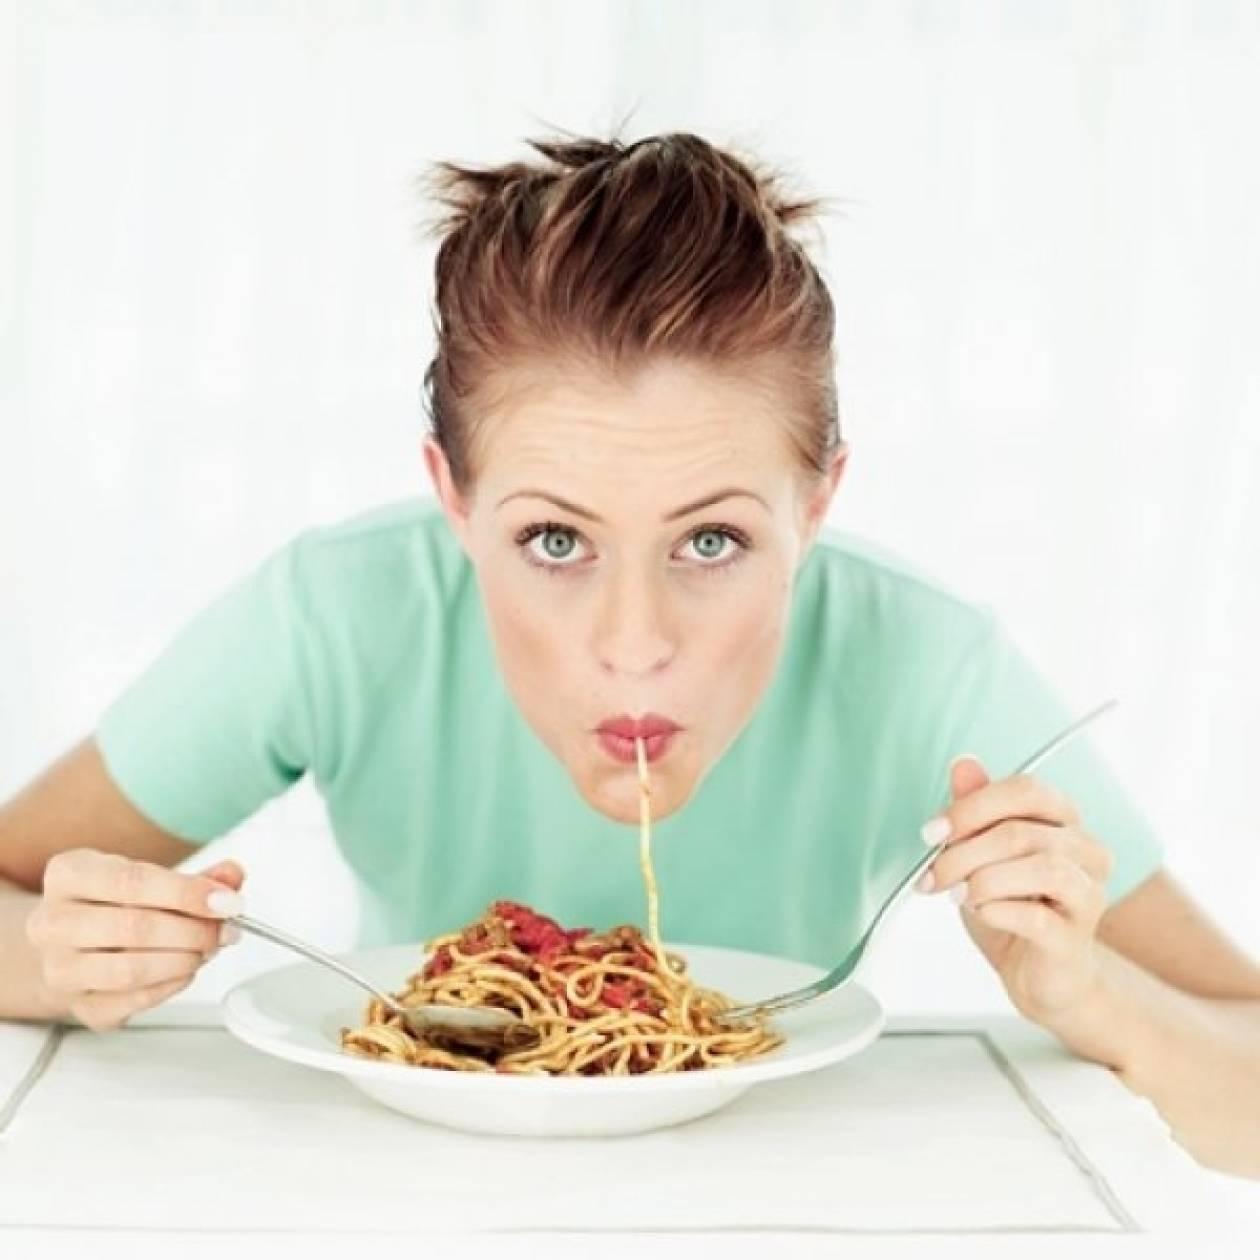 Πώς θα απολαμβάνετε όλα τα φαγητά χωρίς τύψεις